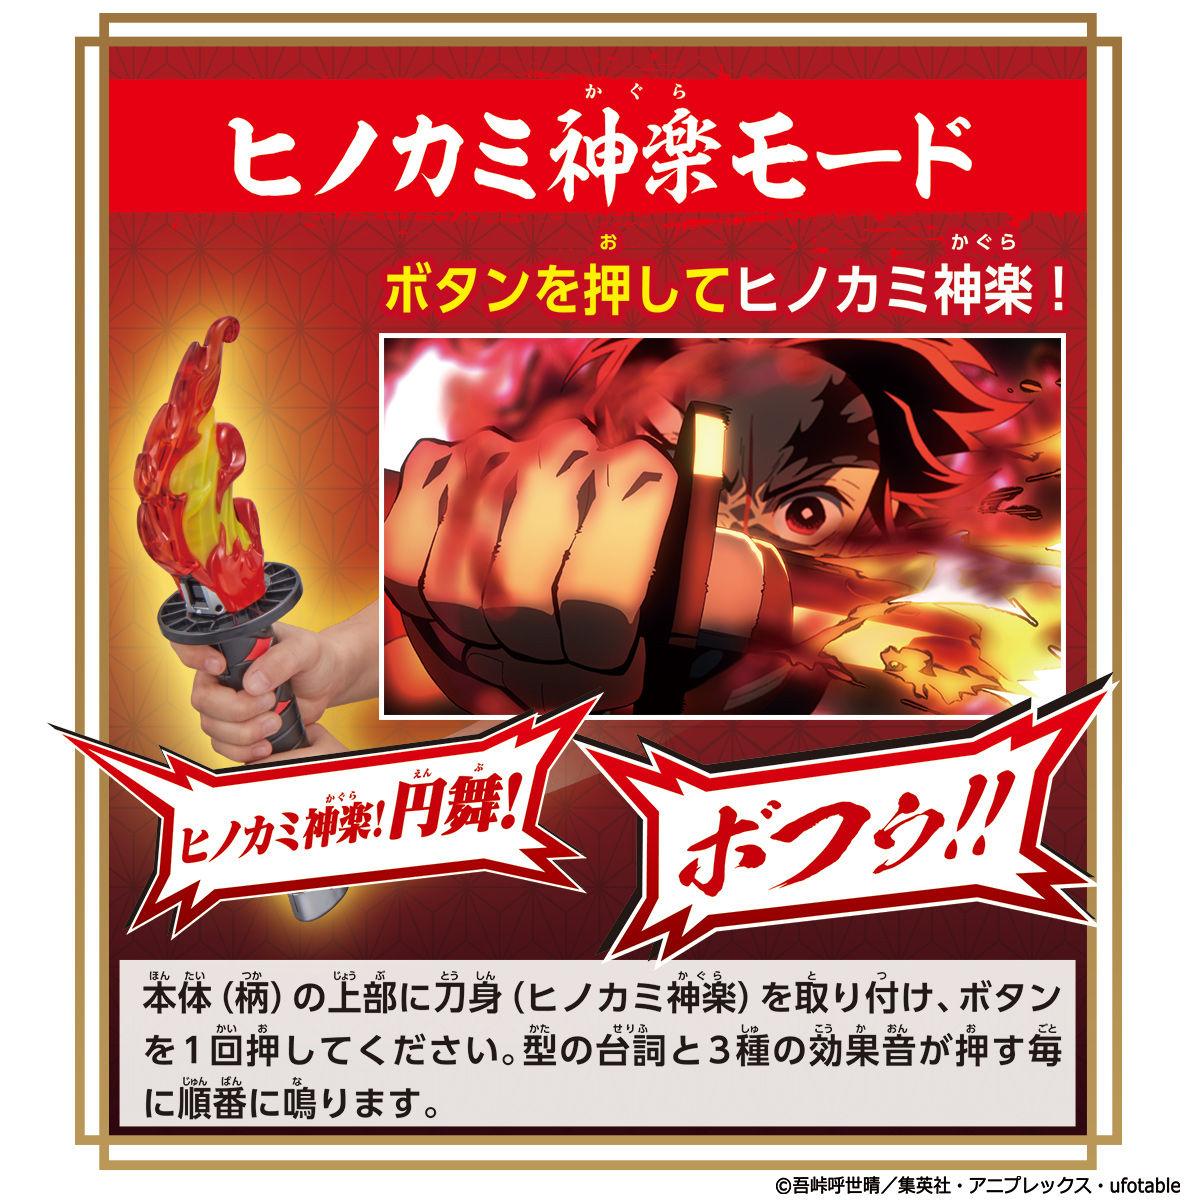 【限定再販】鬼滅の刃『DX日輪刀』変身なりきり-006